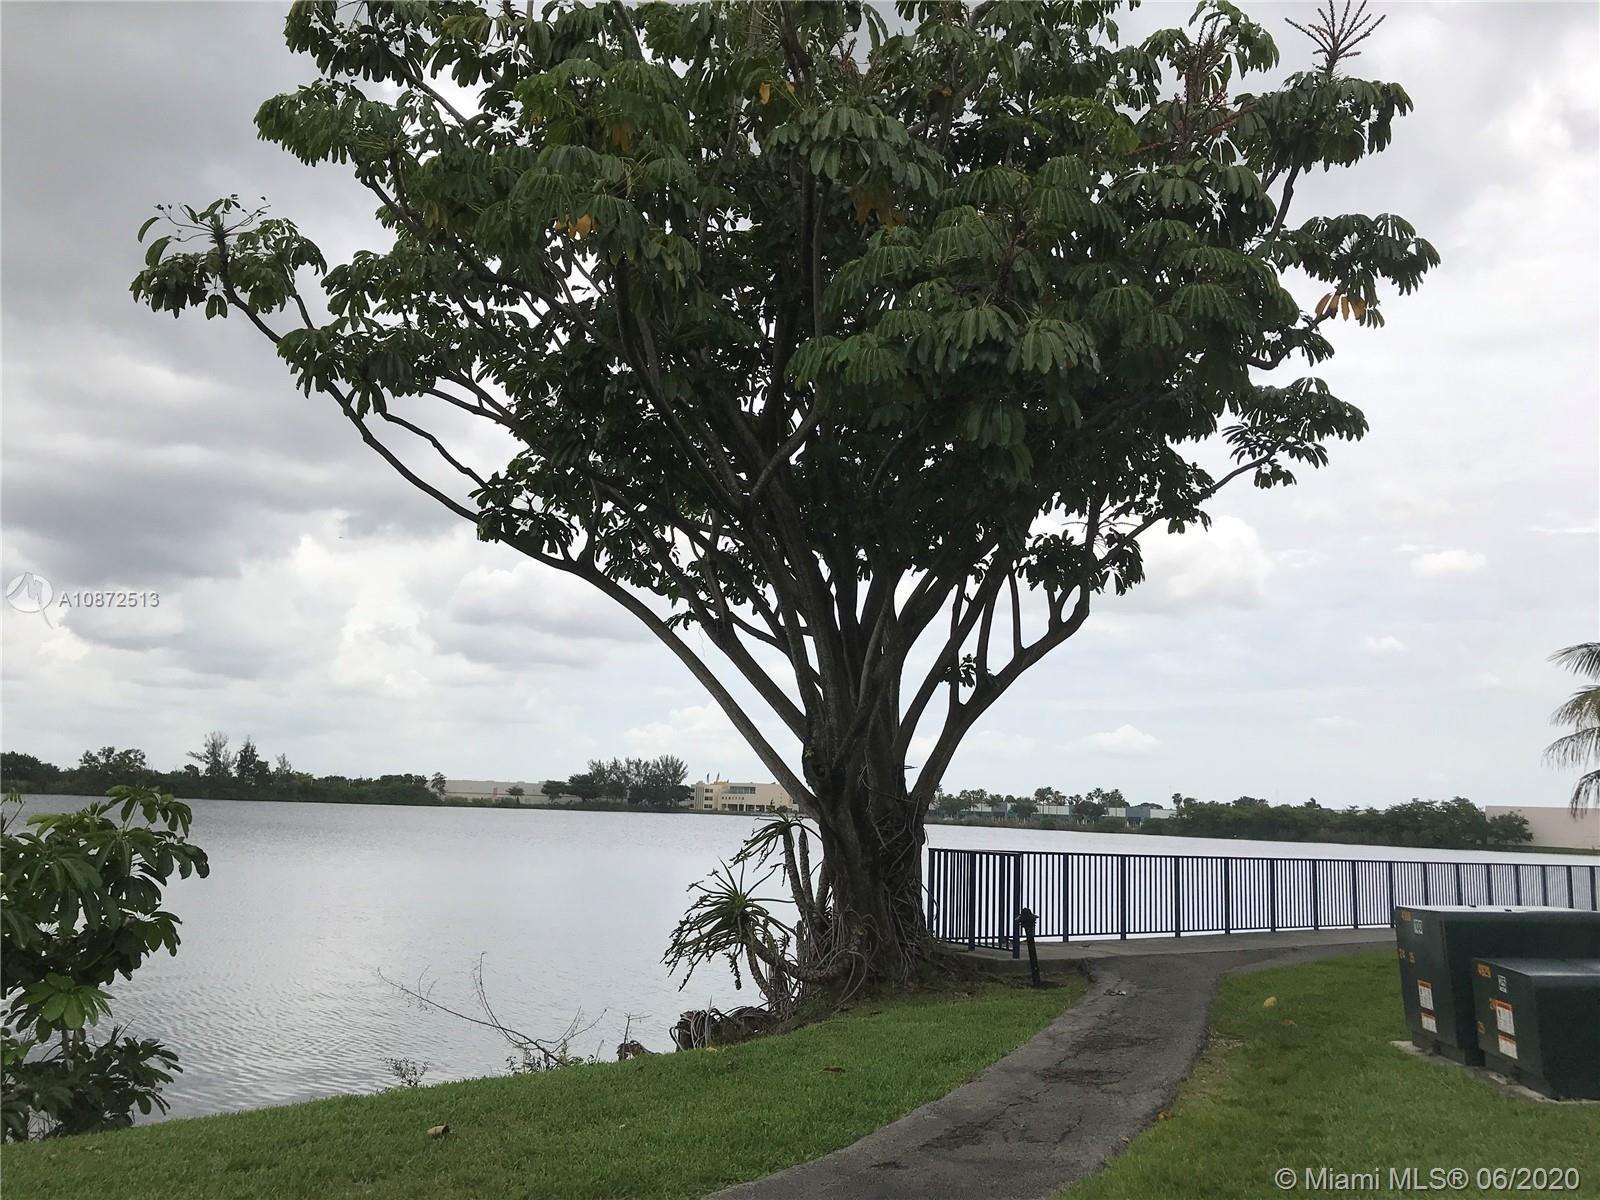 15545 N Miami Lakeway N #102-21, Miami Lakes, FL 33014 - #: A10872513